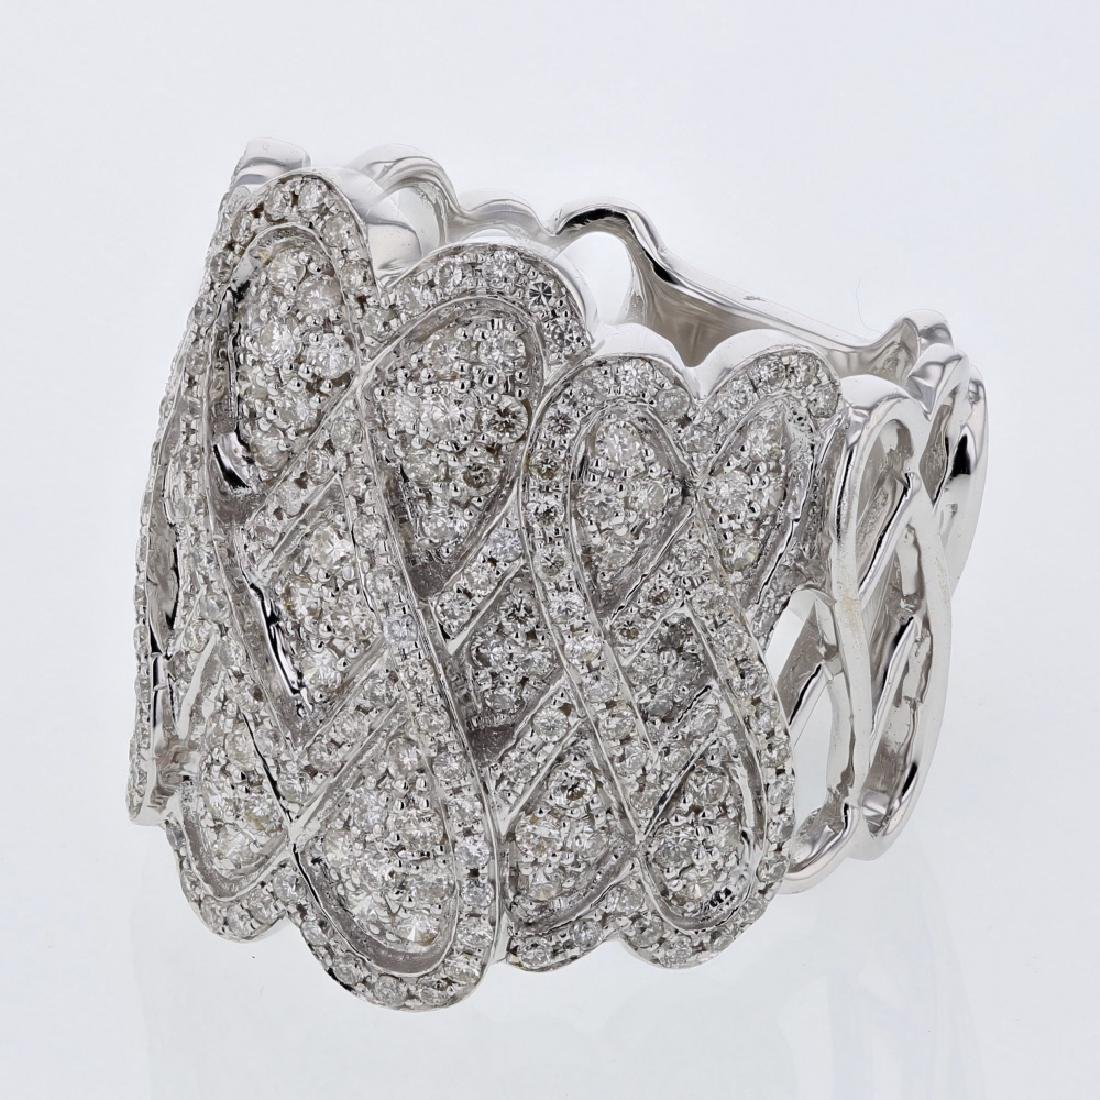 1.31 CTW White Round Diamond Ring 14K White Gold